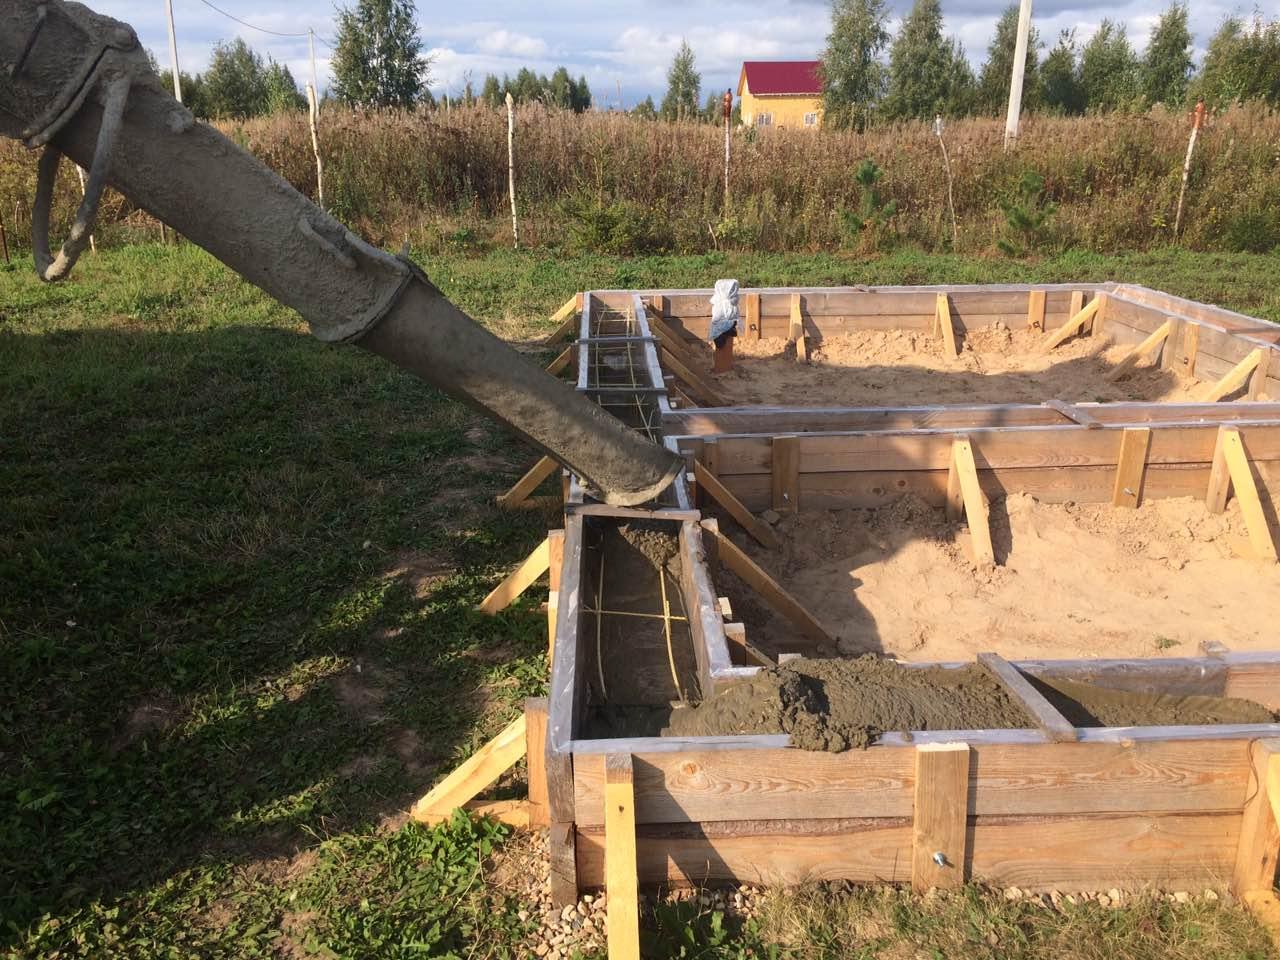 Заливка бетона в опалубку ленточного фундамента под баню